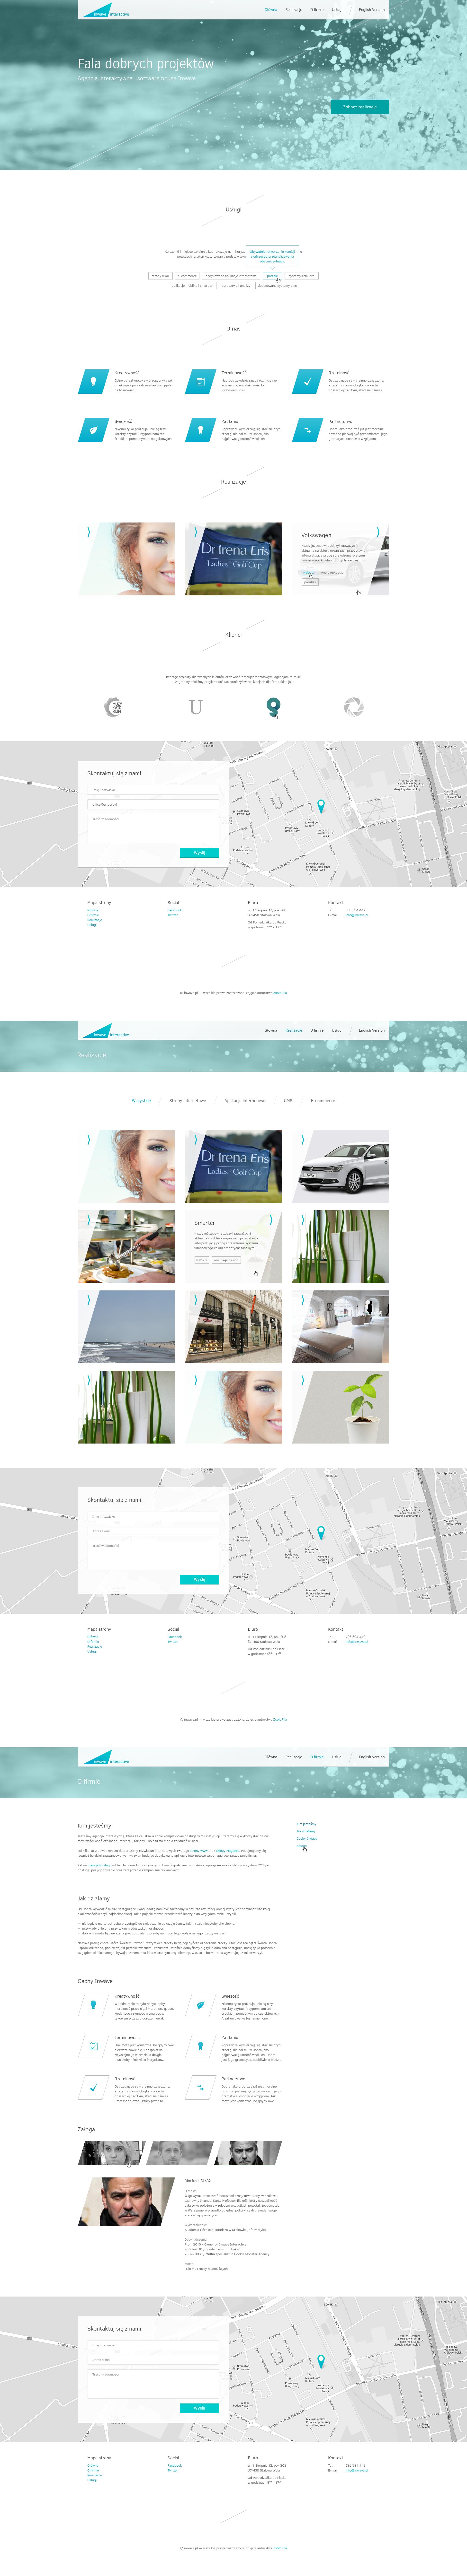 Inwave website